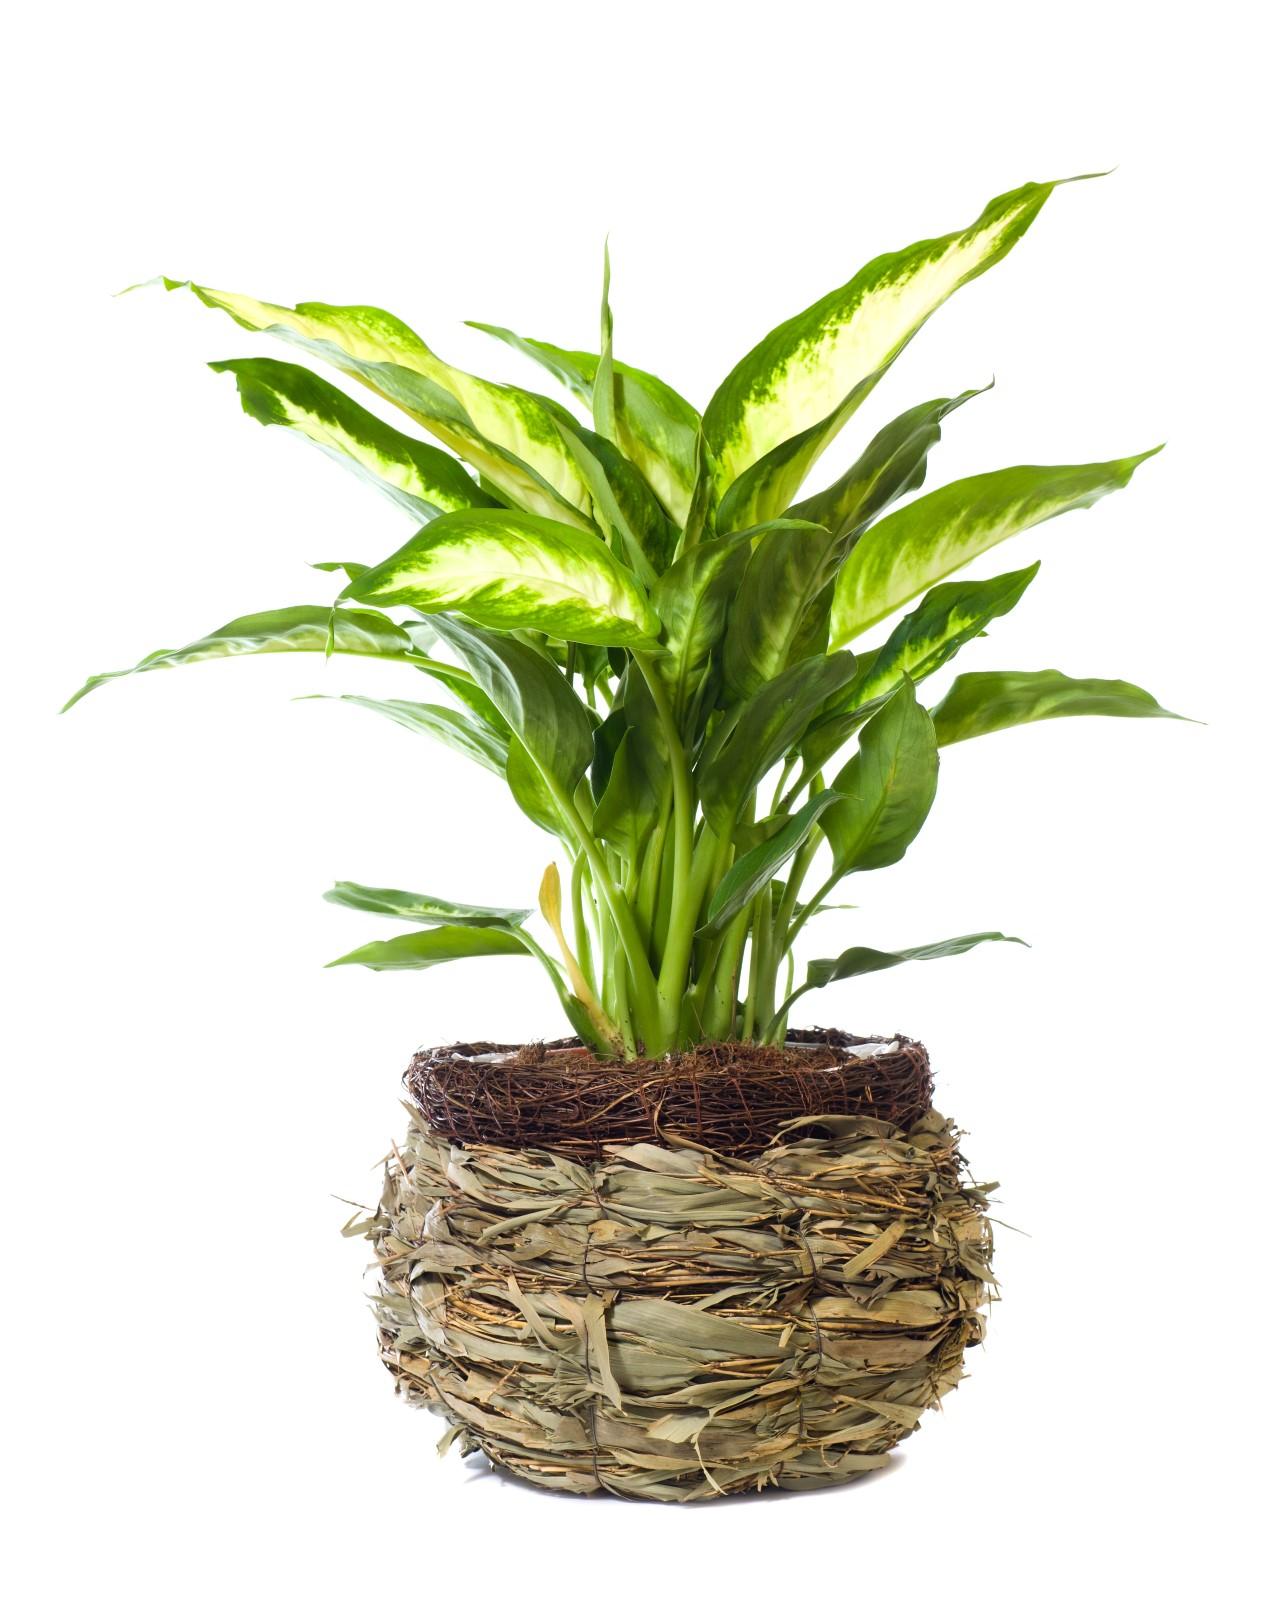 Plantene har grønne blad med prikker eller tegninger i hvitt, lysegult eller lysegrønt.